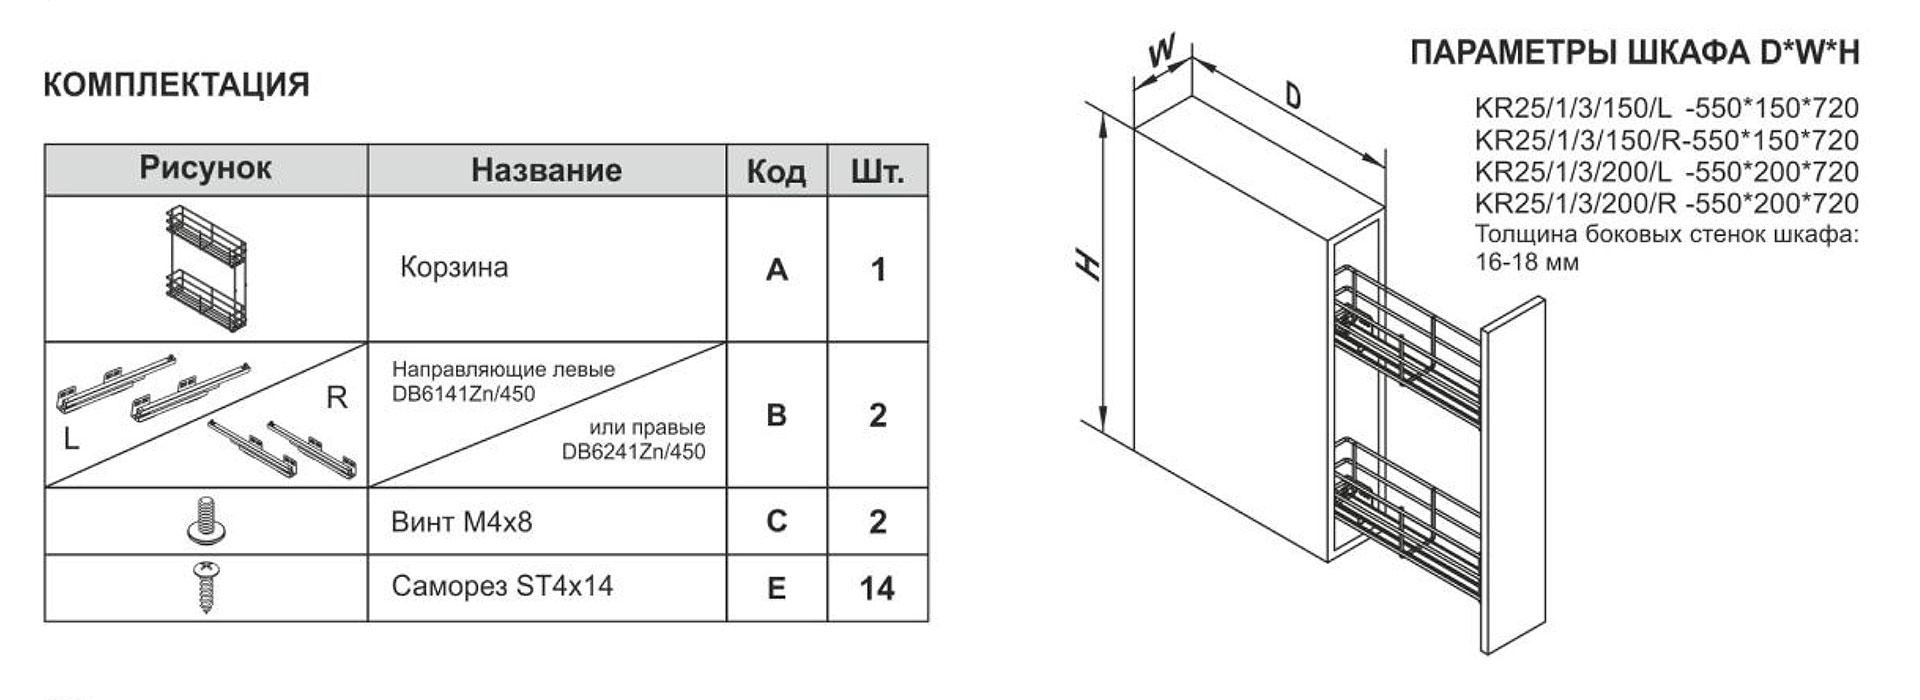 Схема бутылочницы